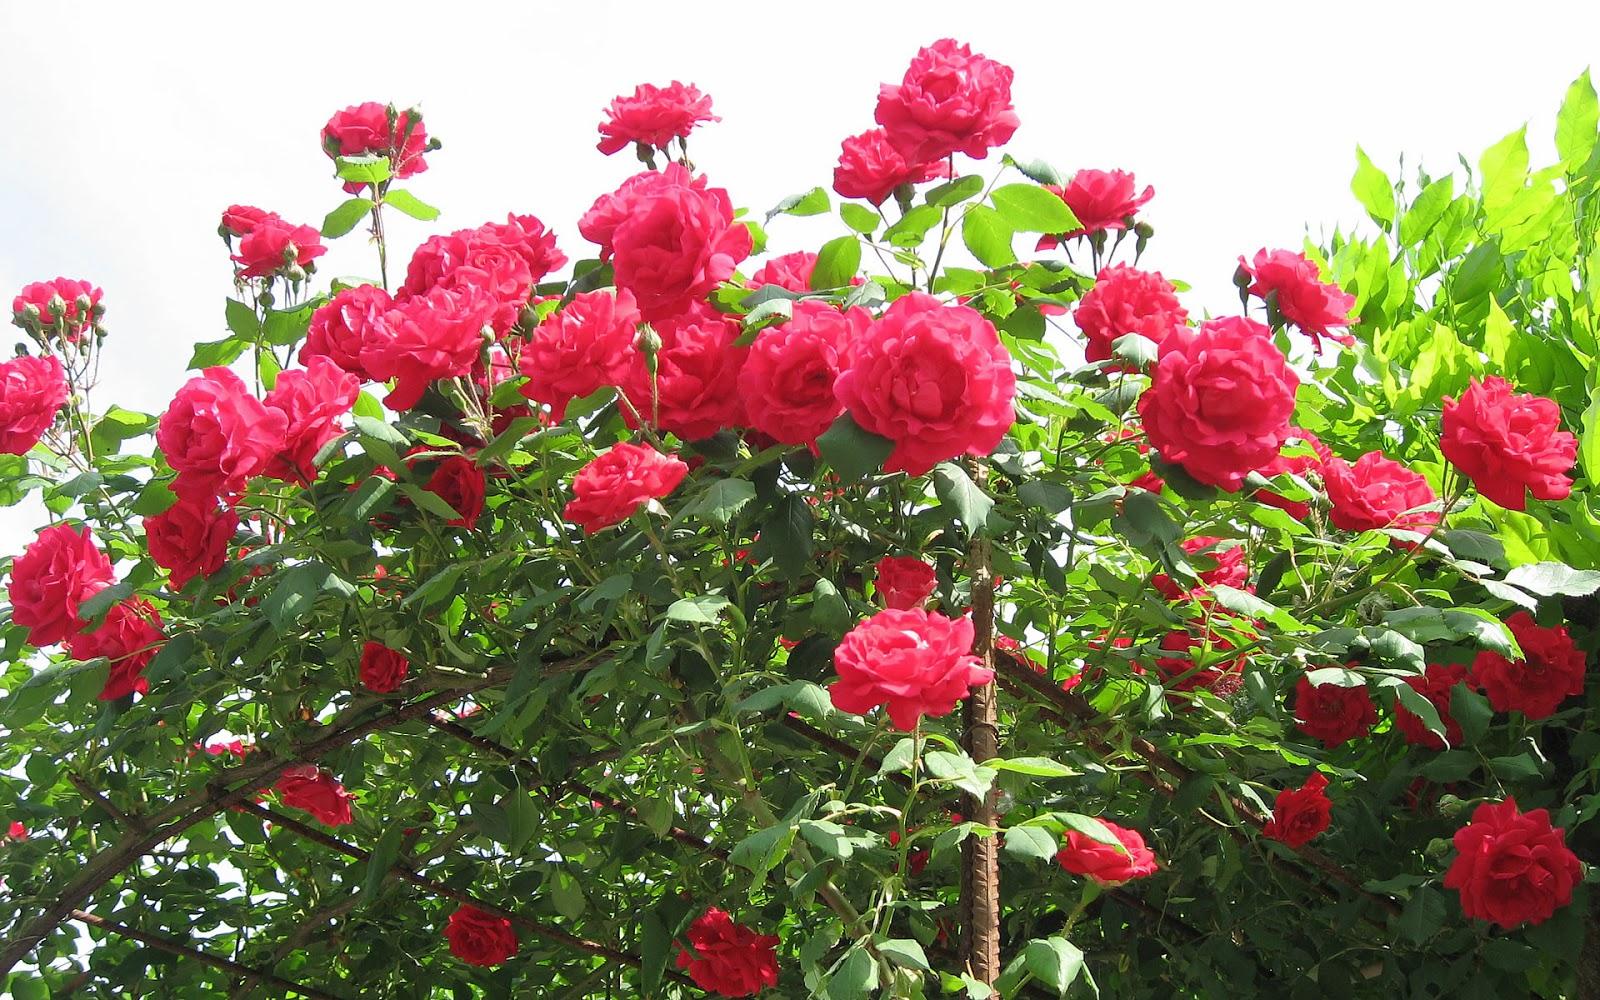 Red Rose Flower Garden Wallpaper|http://refreshrose ...